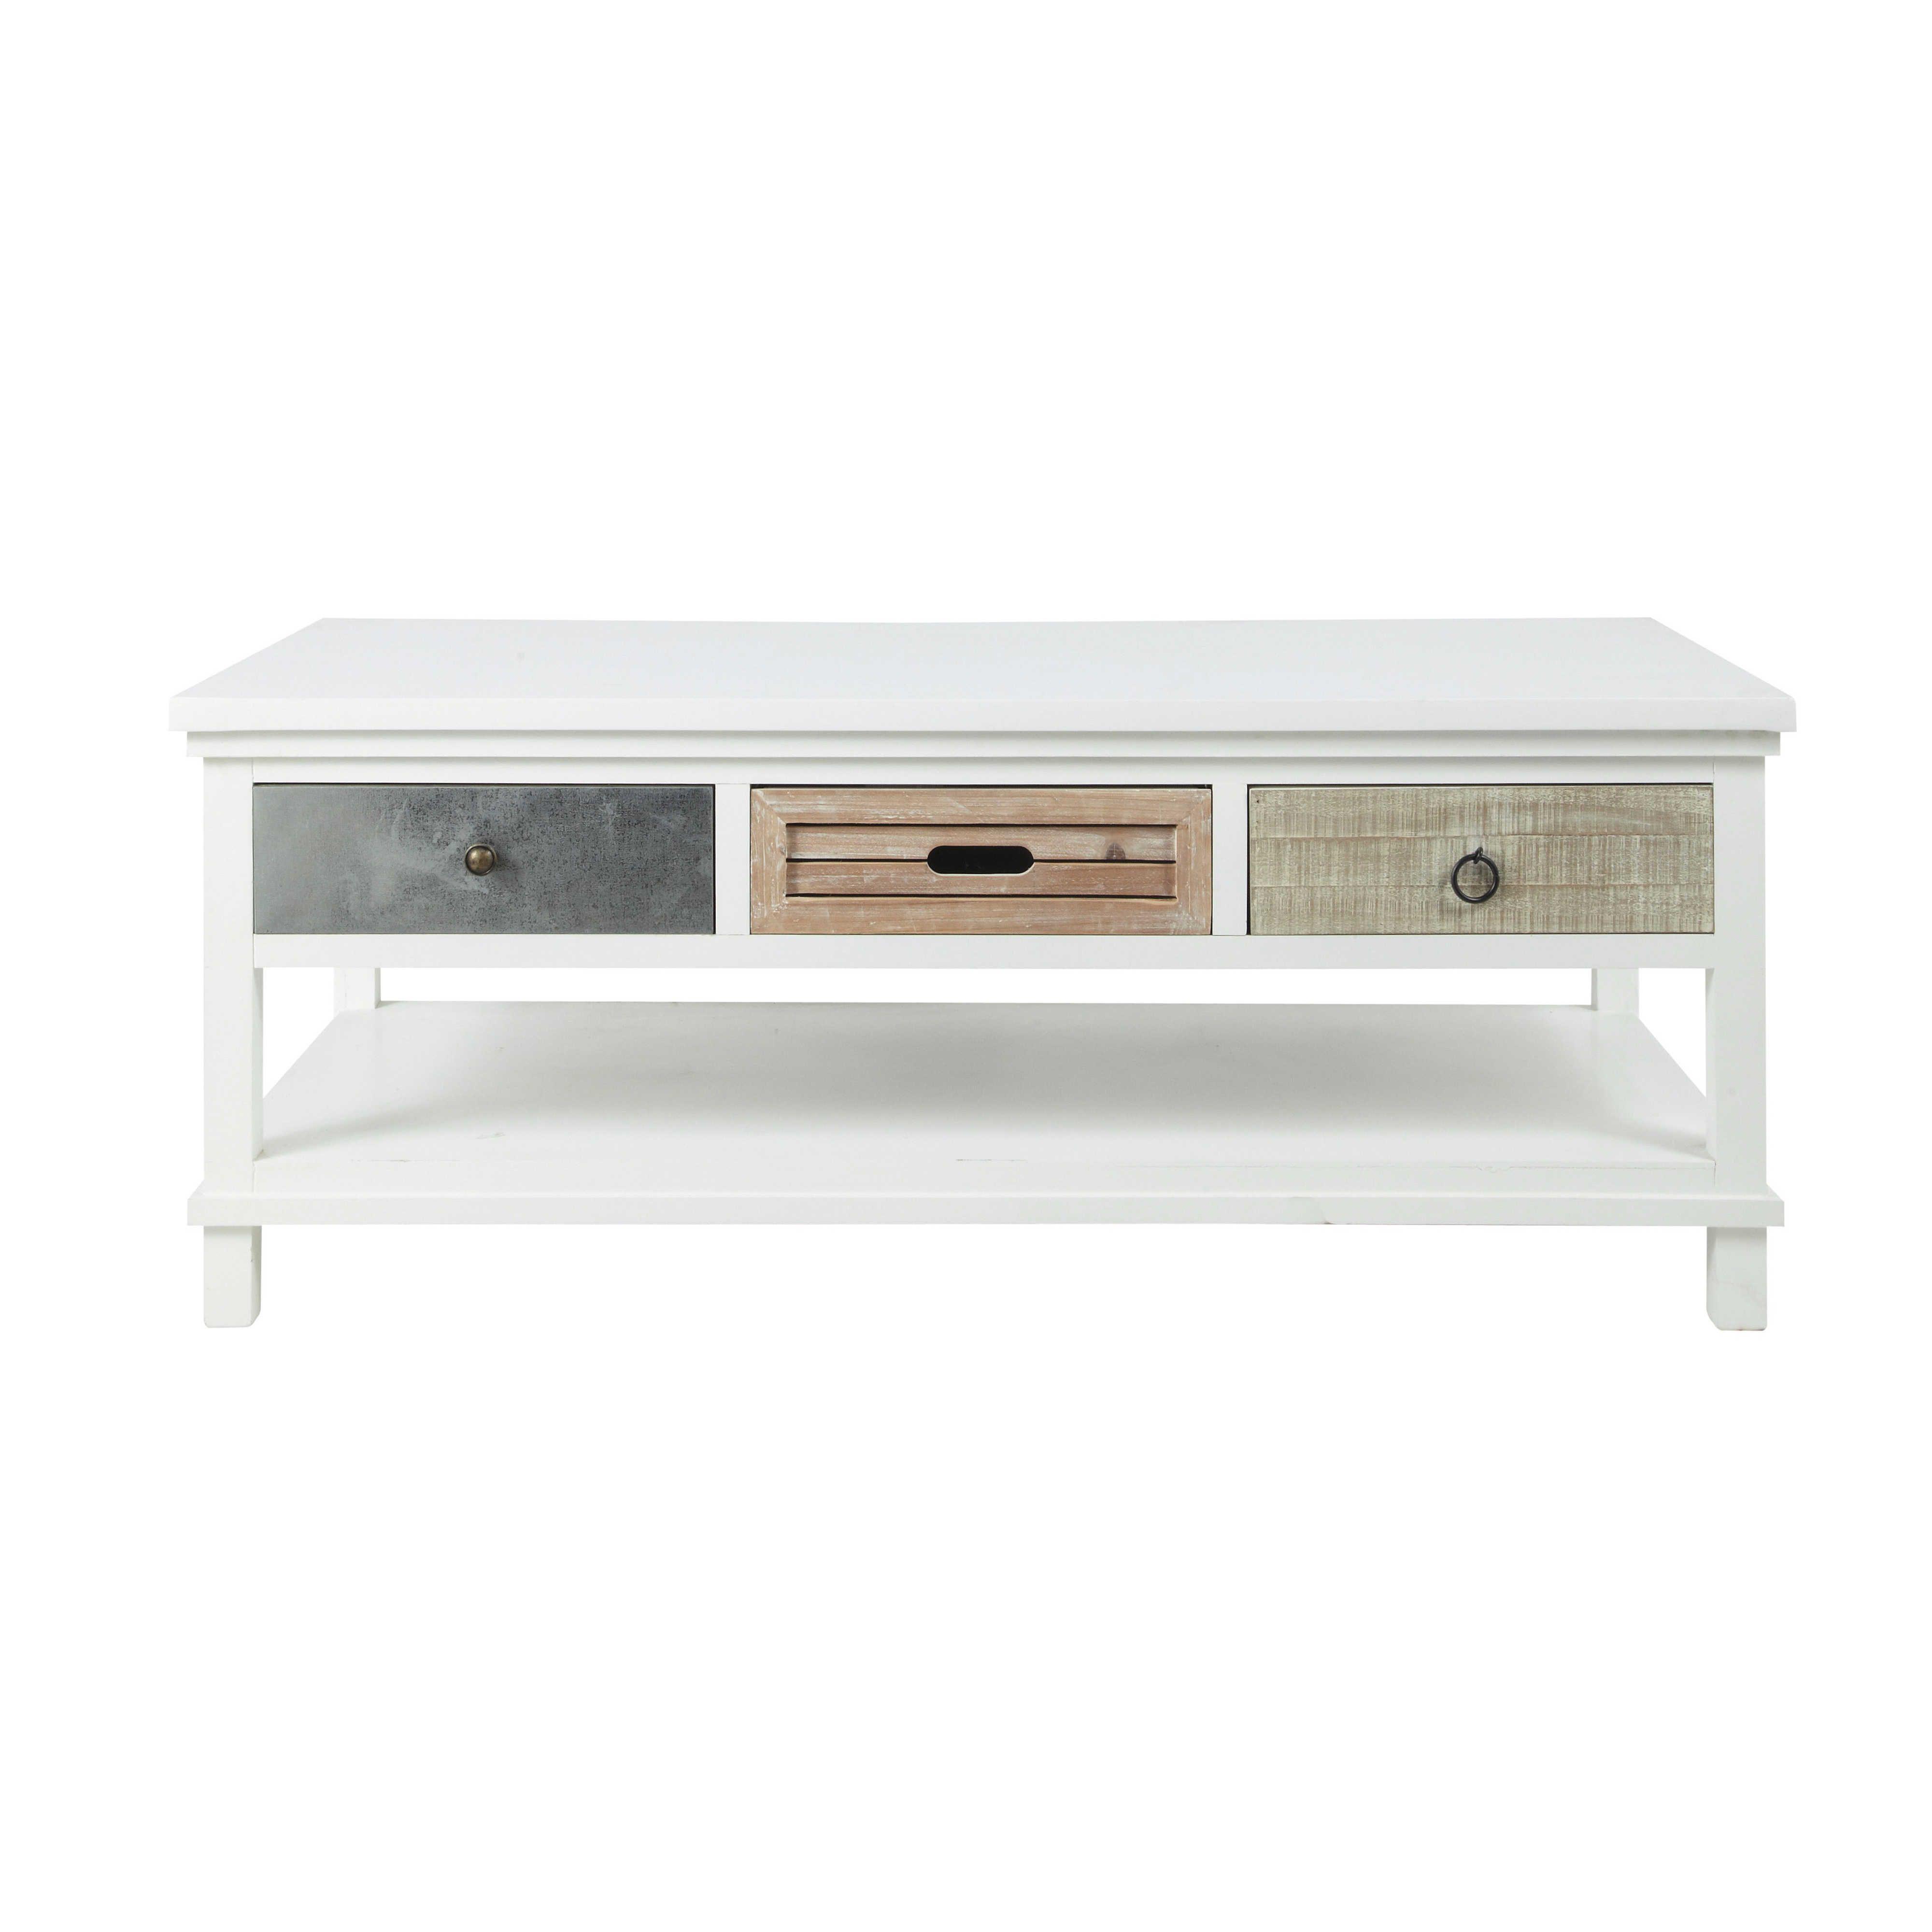 Table basse en bois blanche L 120 cm Ouessant Salon